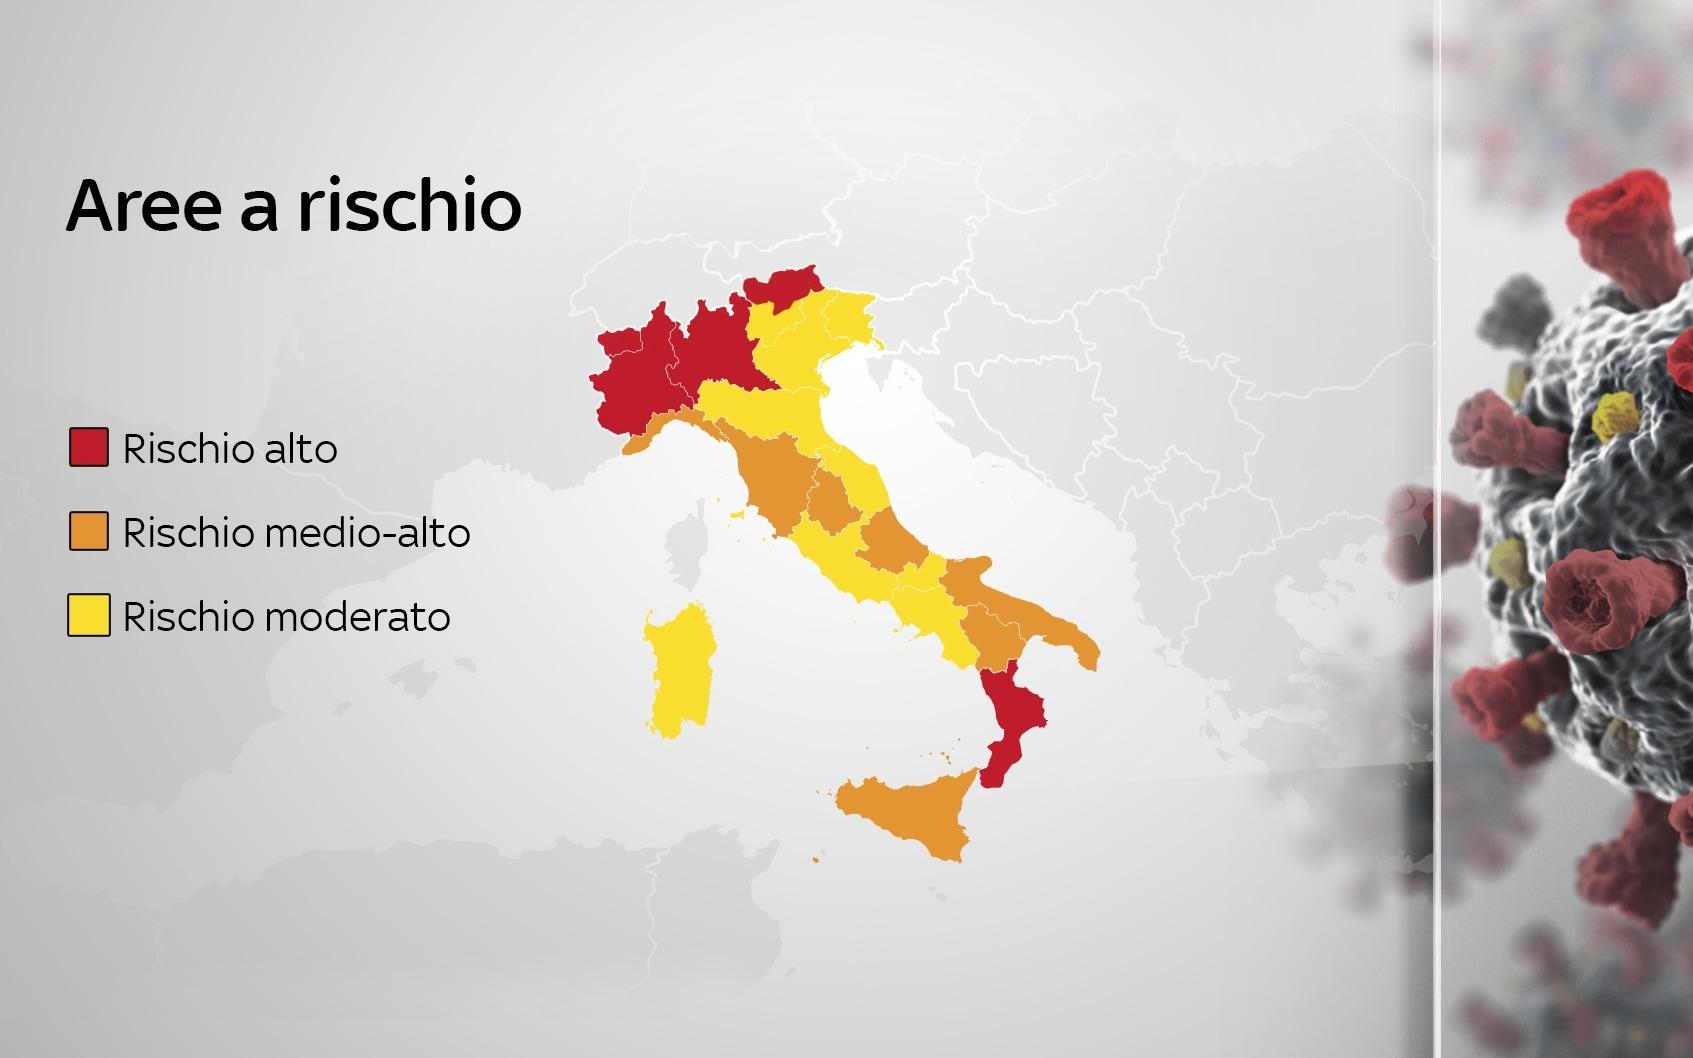 Cartina Italia E Province.Covid La Mappa Delle Regioni In Zona Rossa Arancione E Gialla Secondo Il Nuovo Dpcm